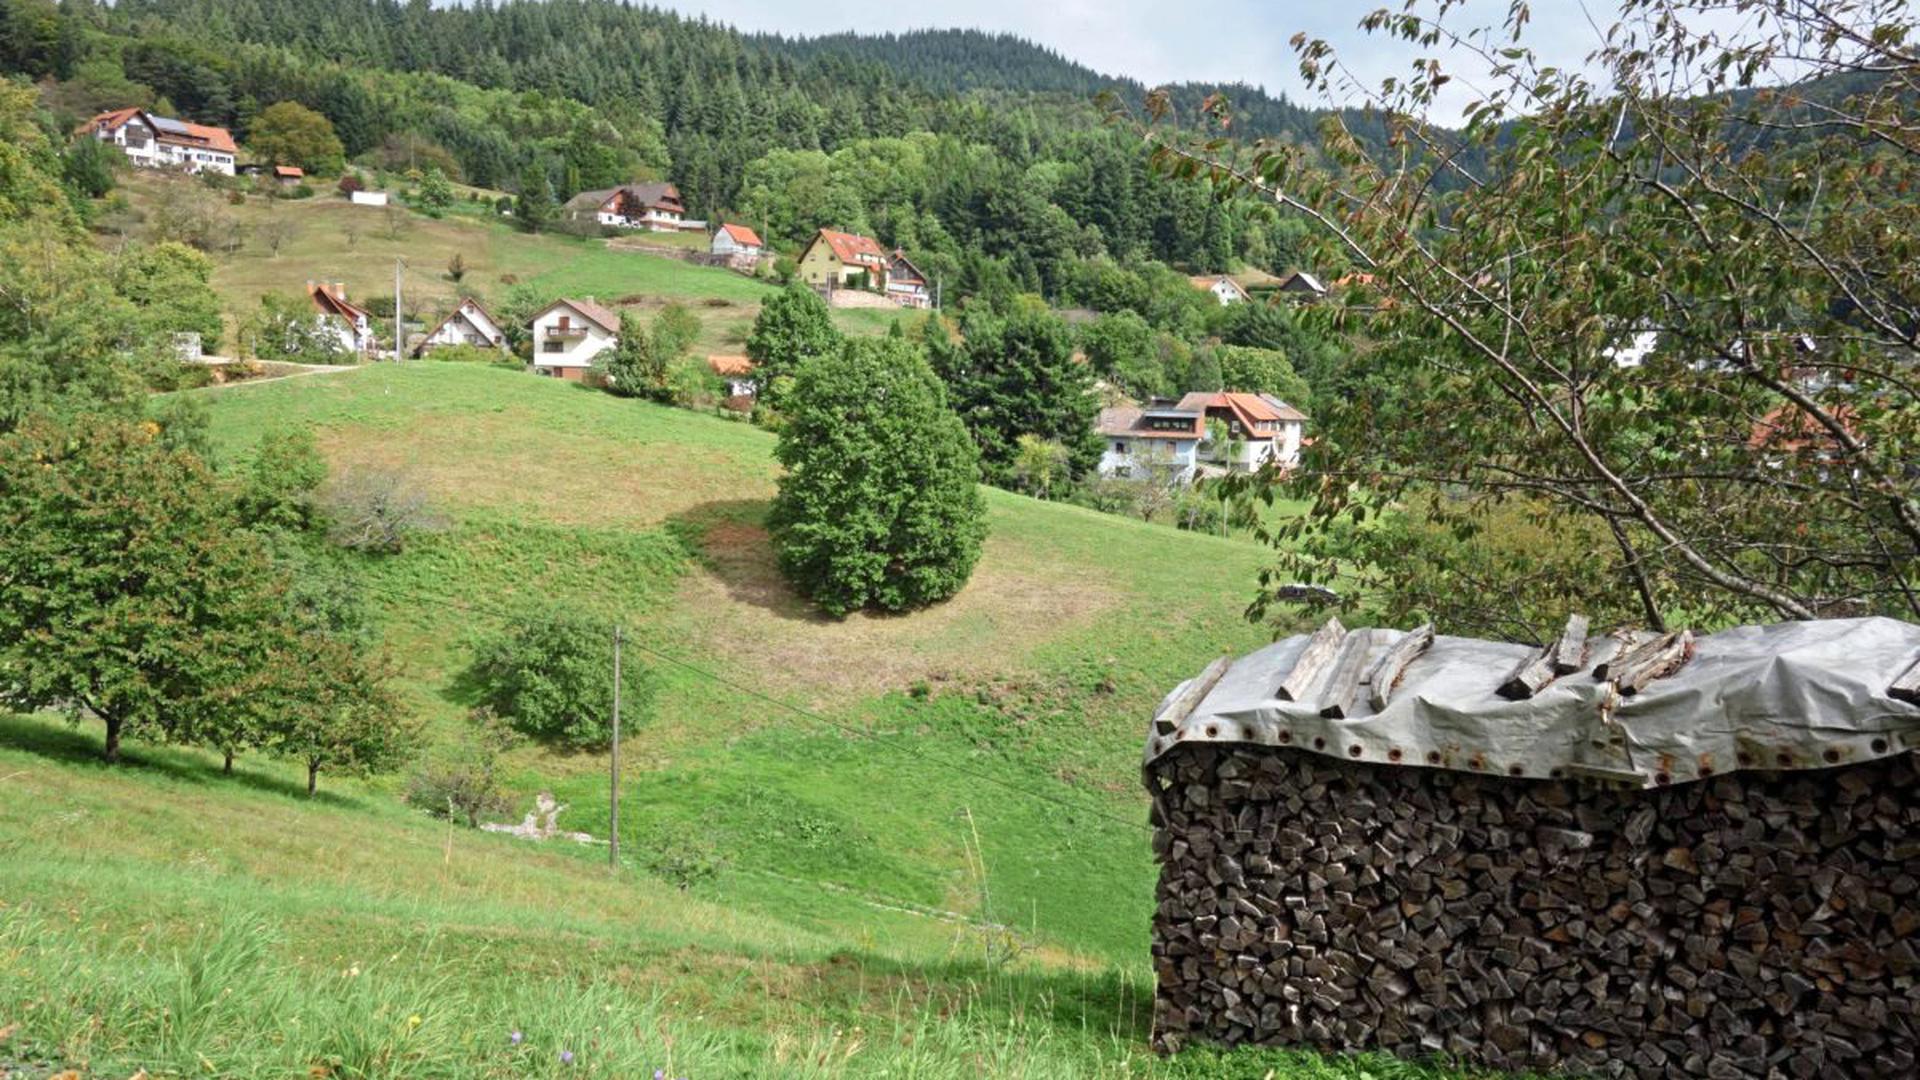 Im malerischen Obertal spielte sich das Beziehungsdrama in einem Einfamilienhaus in Bühlertal ab. Die Nachbarn berichten von zunächst geklärten Verhältnissen zwischen den beiden jungen Menschen.